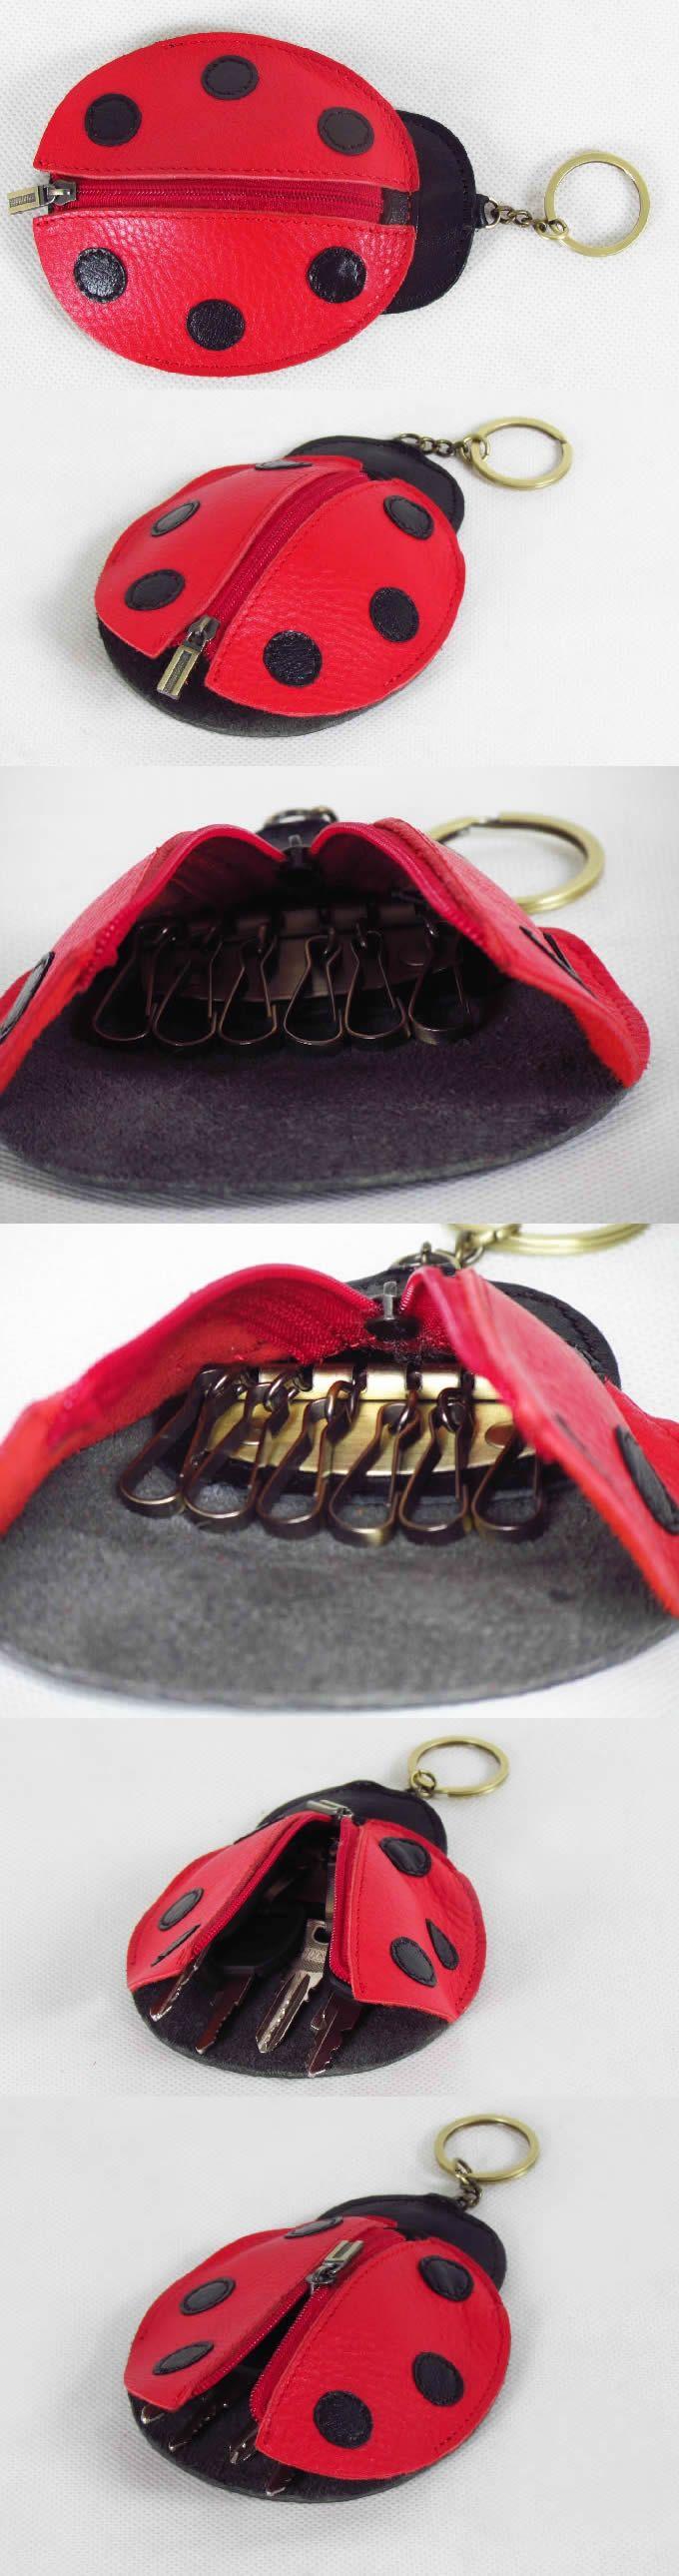 Ladybug Leather Keychain Bag Case Key Holder